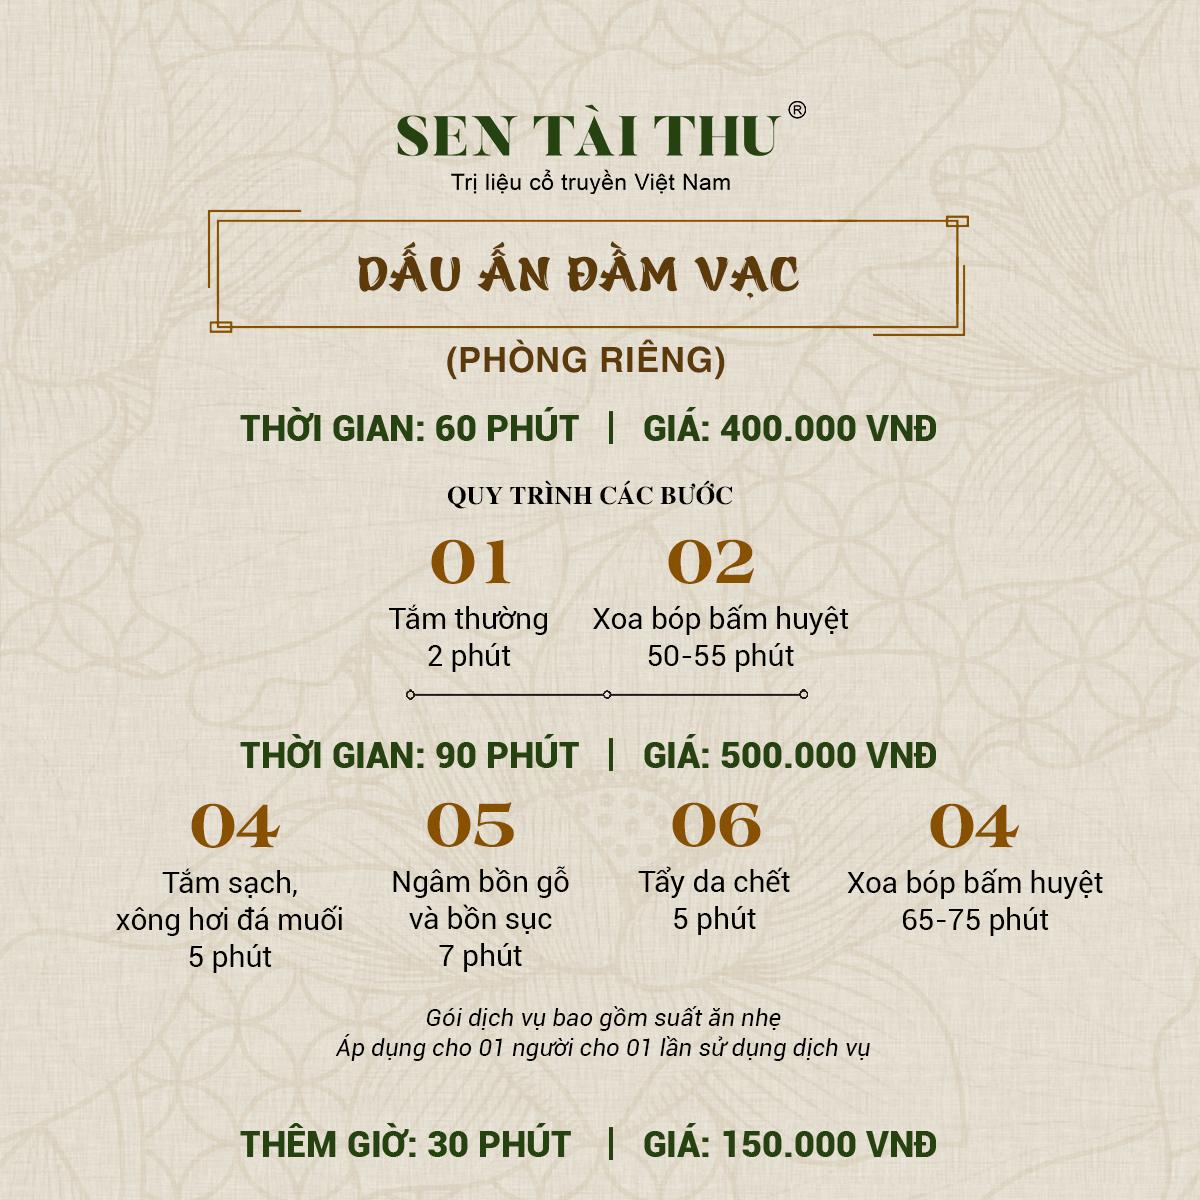 Bảng giá Sen Tài Thu Vĩnh Phúc - Phòng riêng 60-90 phút